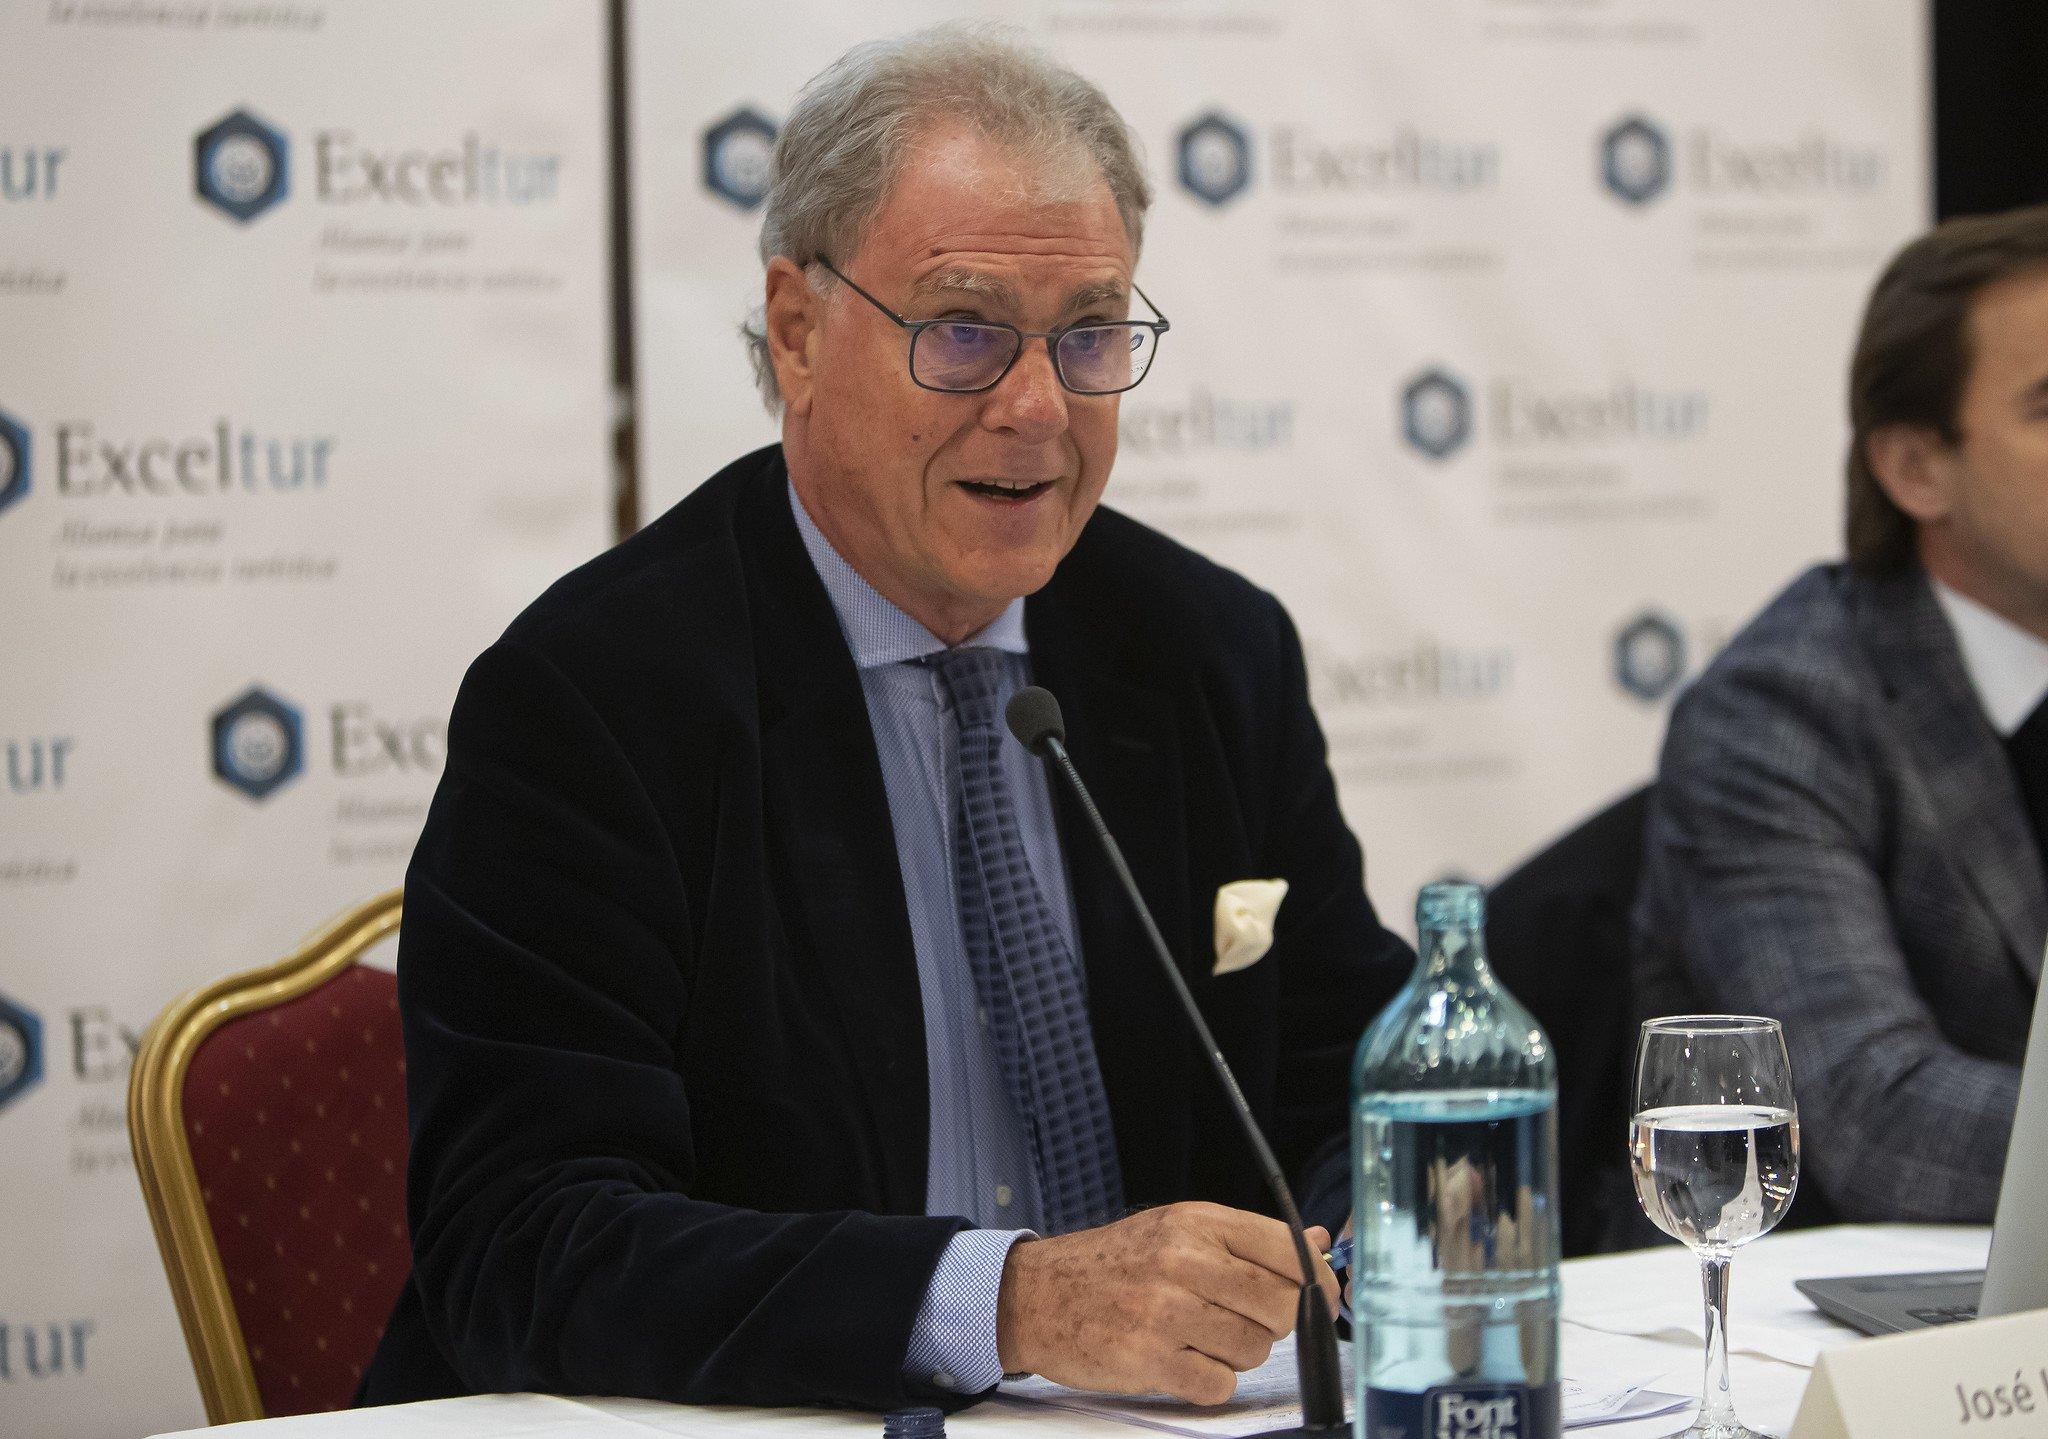 El vicepresidente de Exceltur, José Luis Zoreda, respira tranquilo: el número de pisos turísticos disminuyó en 2019